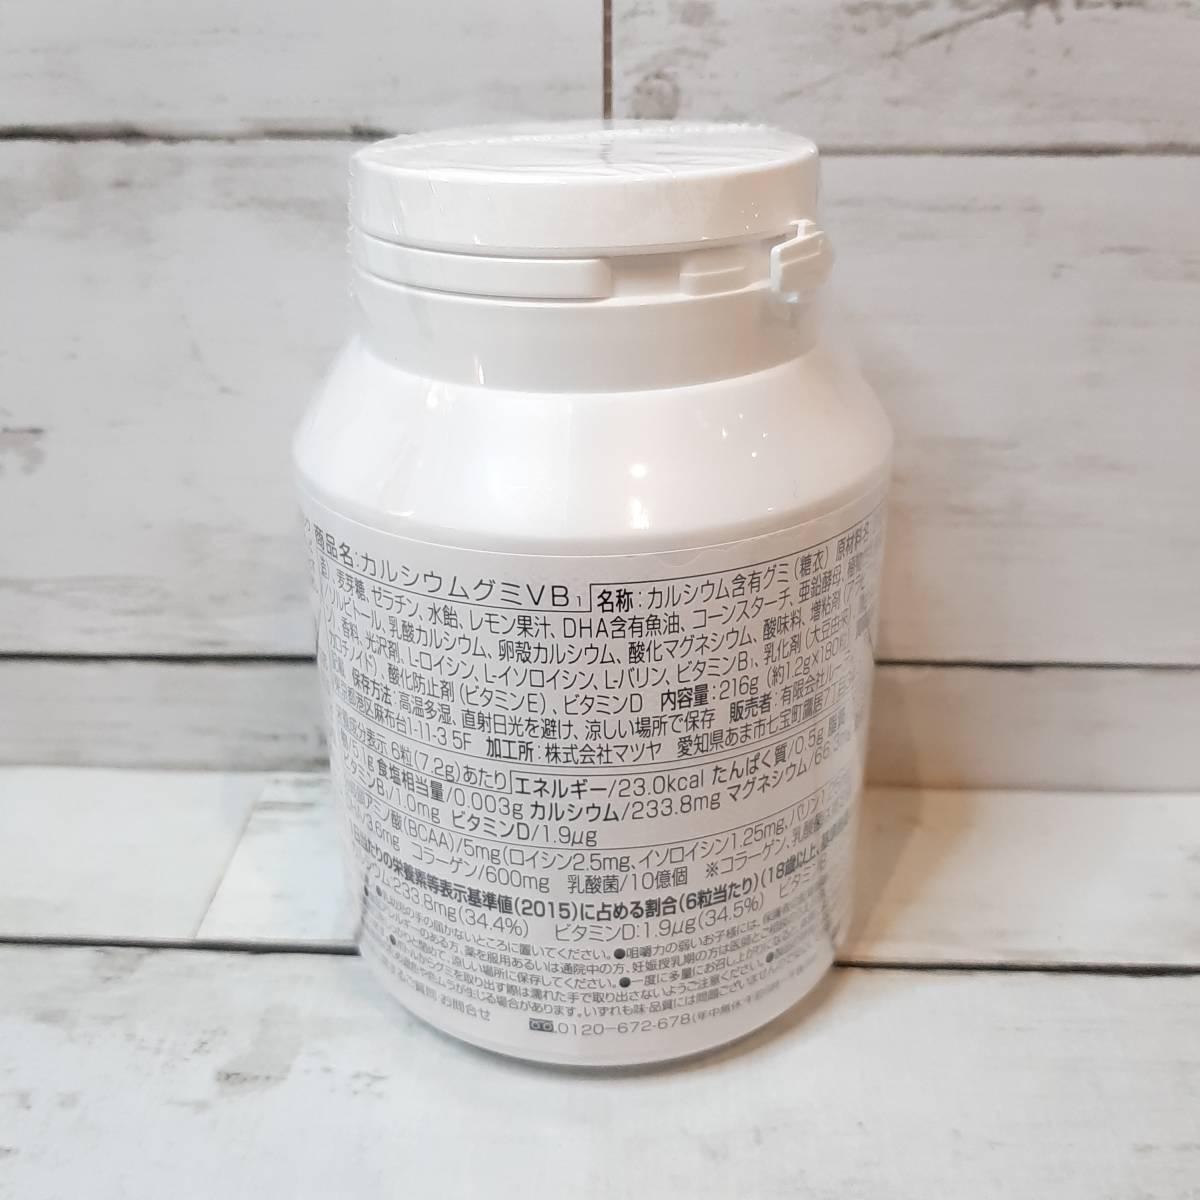 【新品・即決・送料込】 カルシウムグミ B1 レモン味 30日分 子供用 おやつ 乳酸菌 成長サプリ BCAA   配送補償あり 全国送料無料_画像2